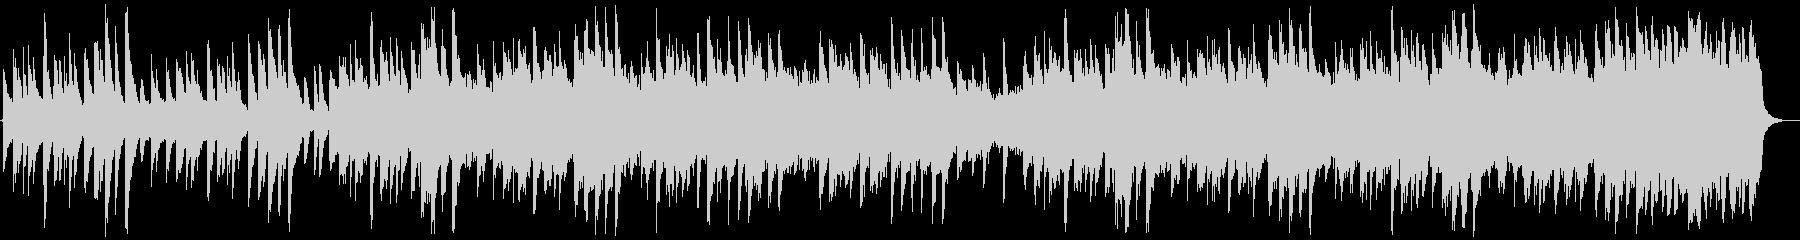 ゆっくりで静かな切ないBGMの未再生の波形